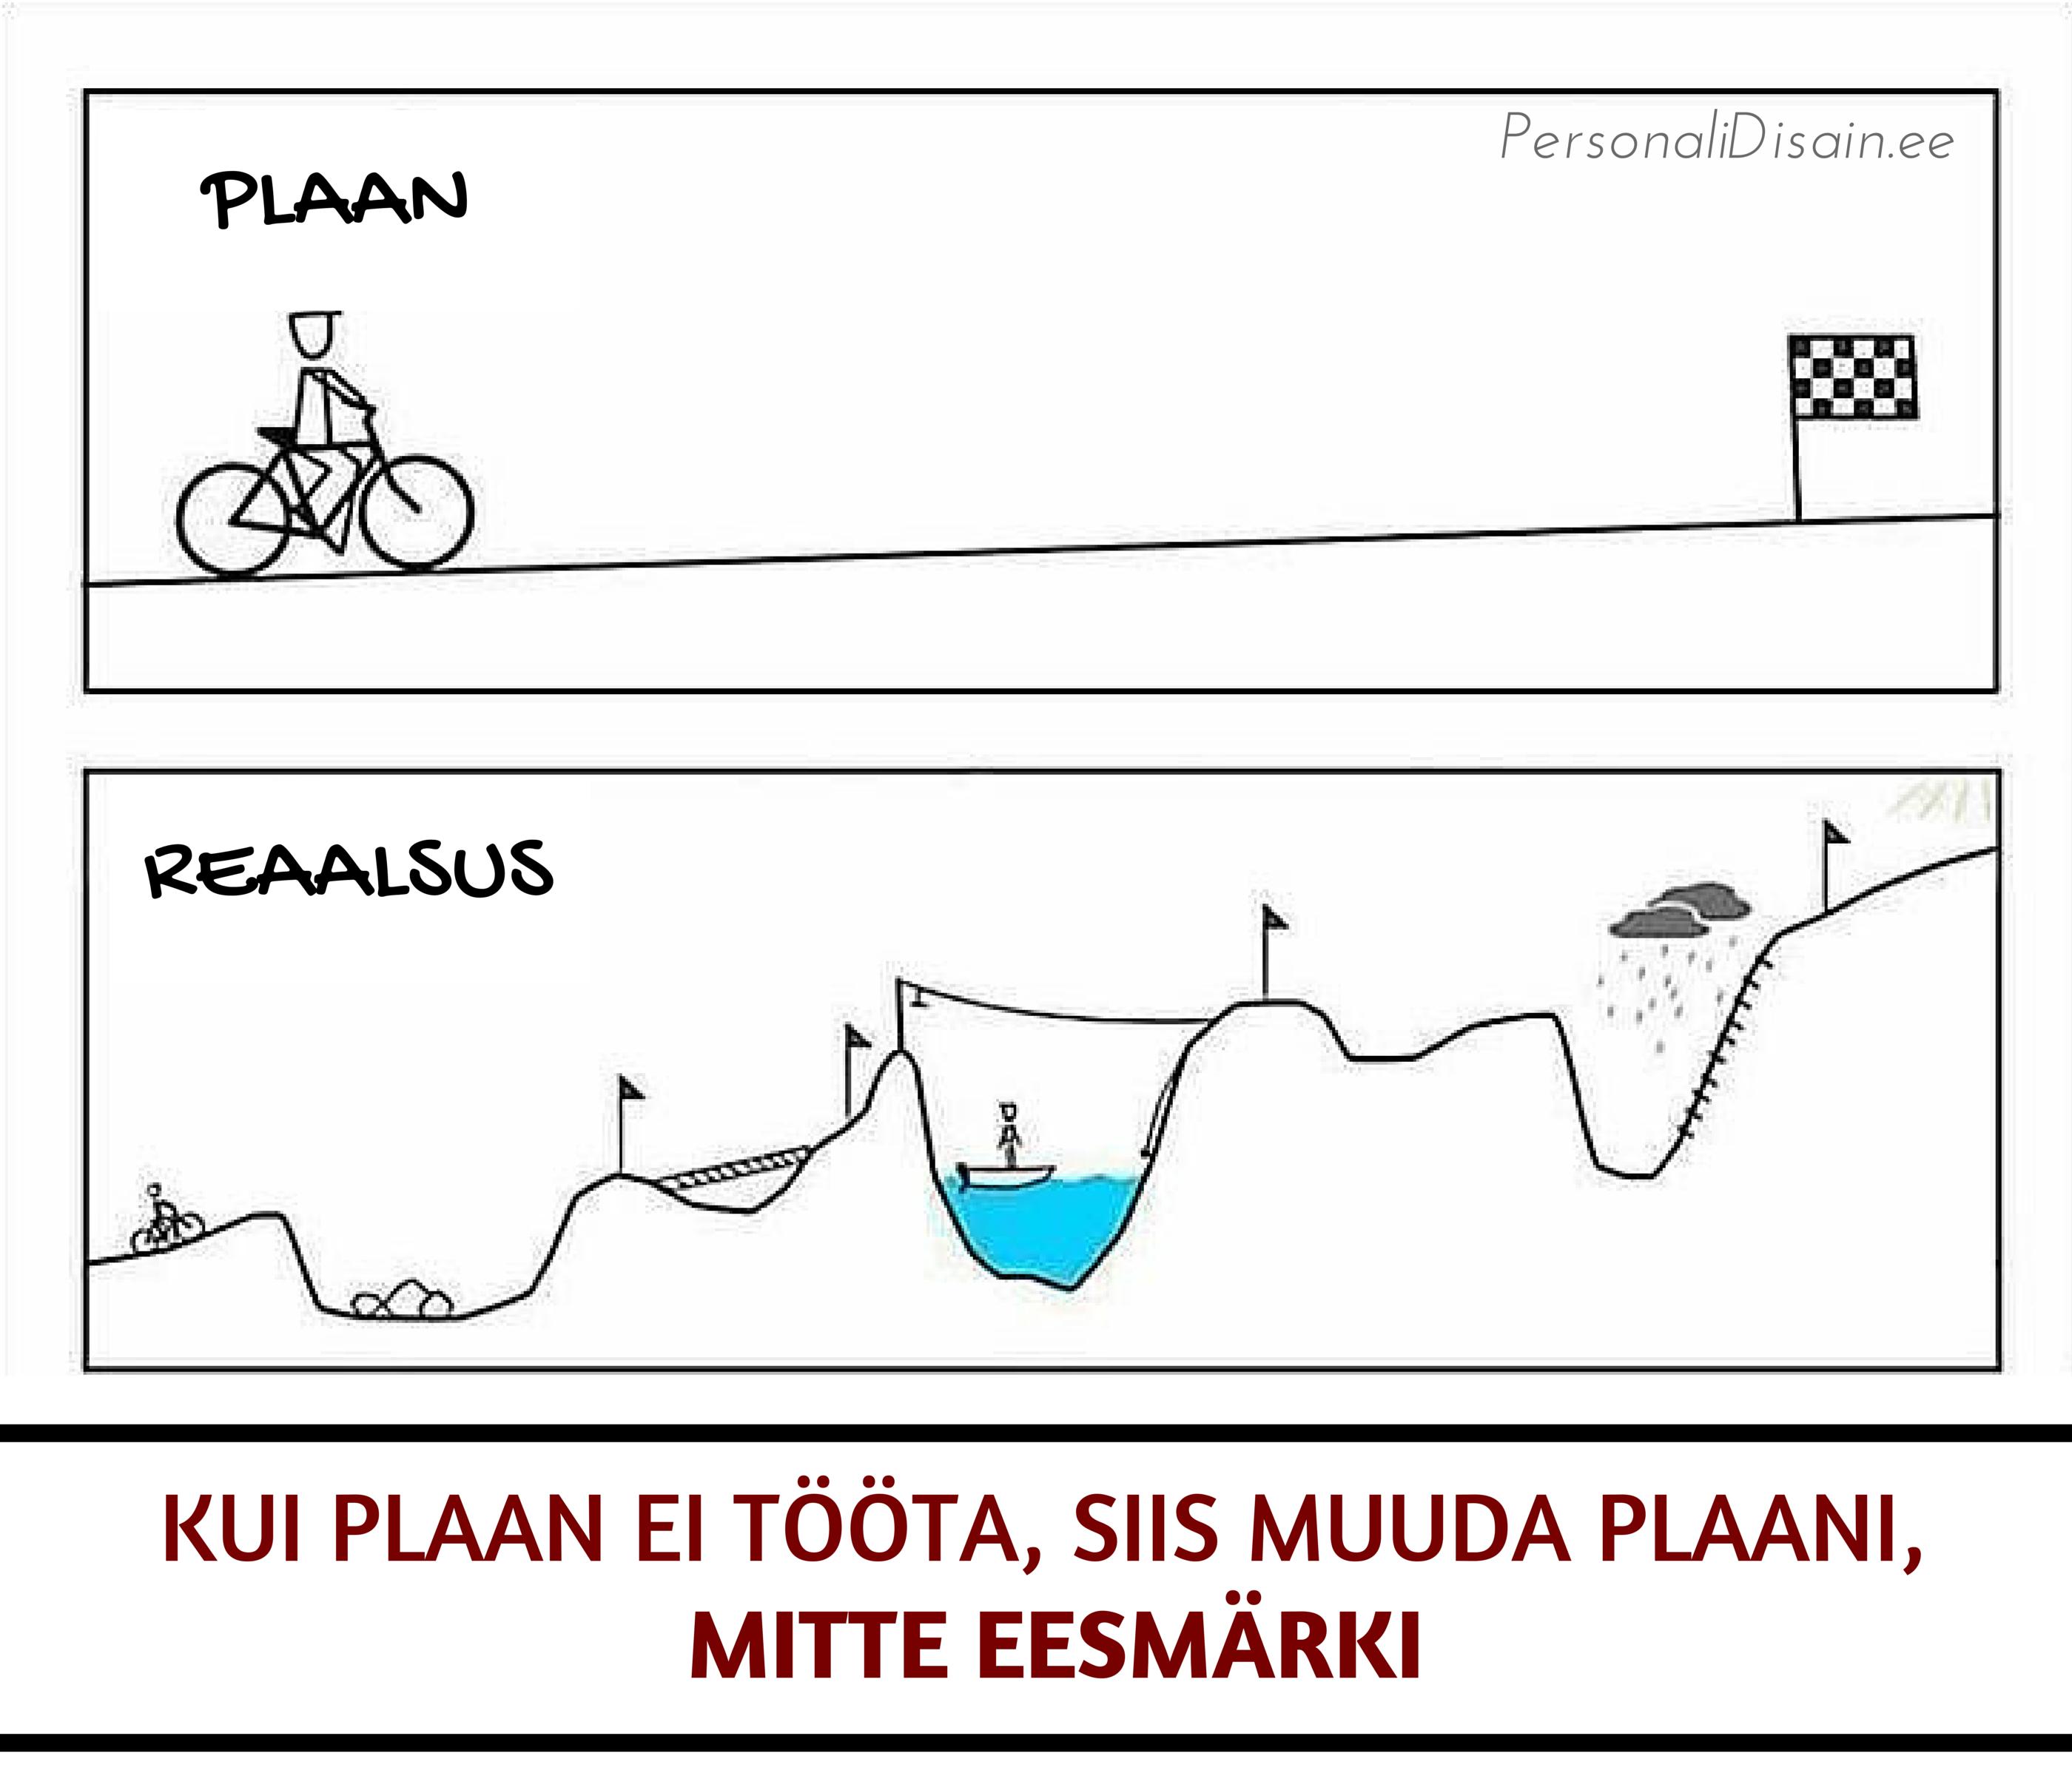 Kui plaan ei tööta, siis muuda plaani, mitte eesmärki!